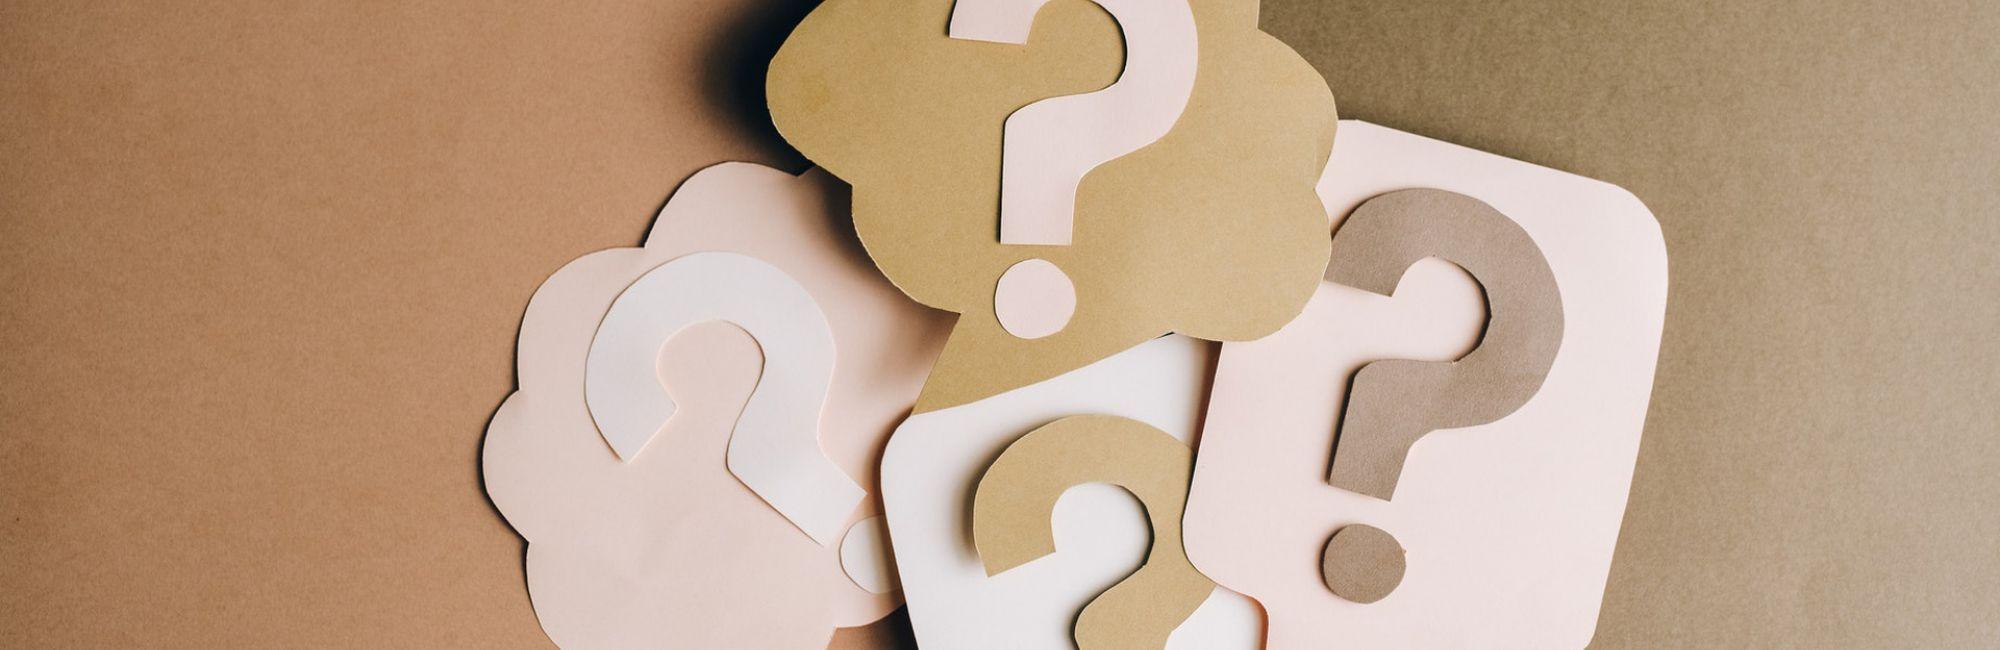 FAQ - Veelgestelde vragen Botswana